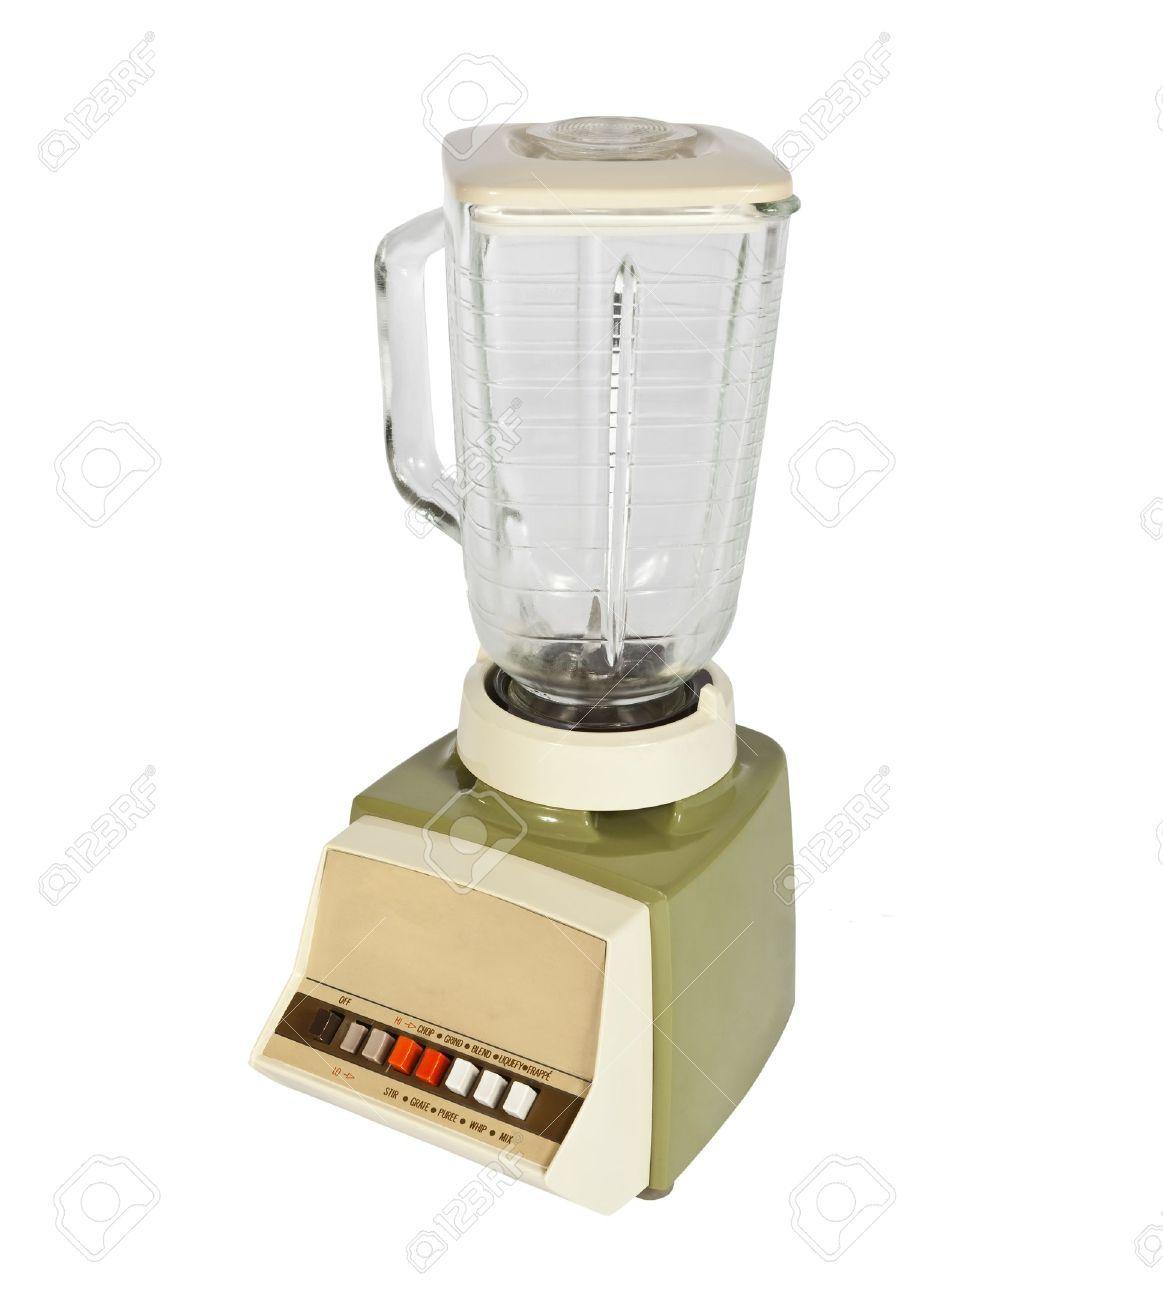 8517806-Vintage-blender-from-the-late-1960-s--Stock-Photo-blender.jpg (1163×1300)